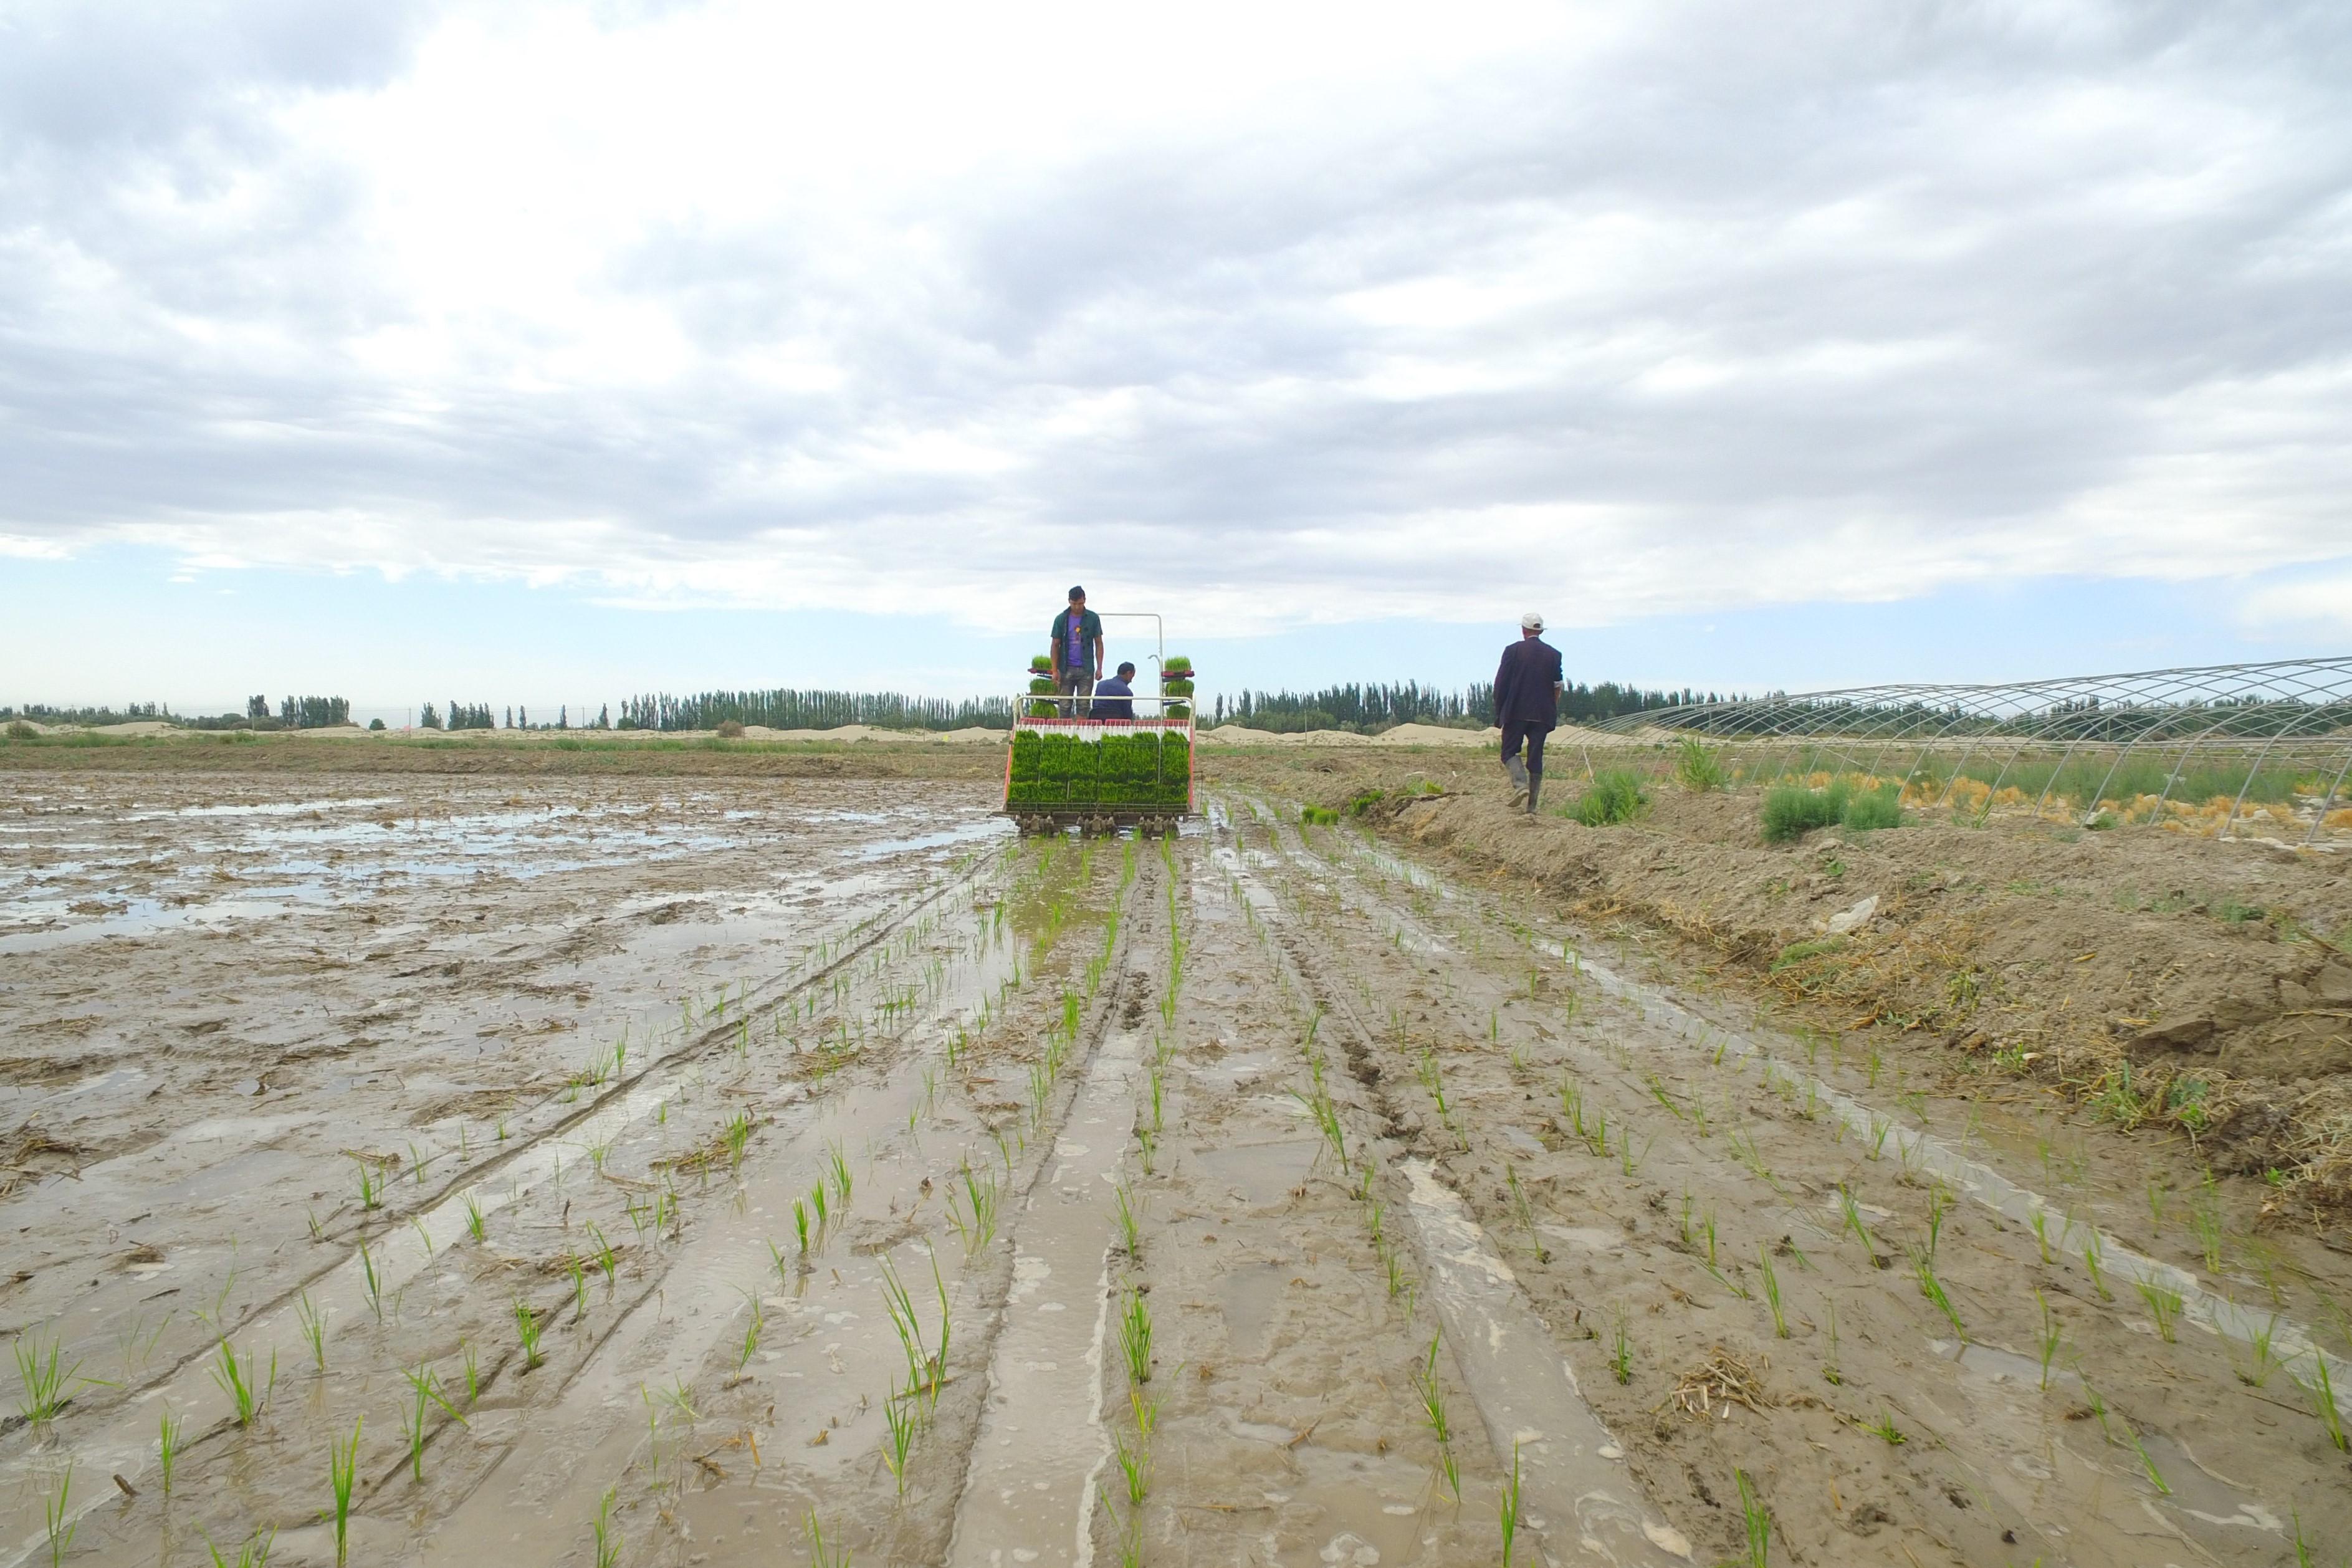 タクラマカン砂漠の西縁で「海水稲」の試験栽培始まる 土壤改善に期待